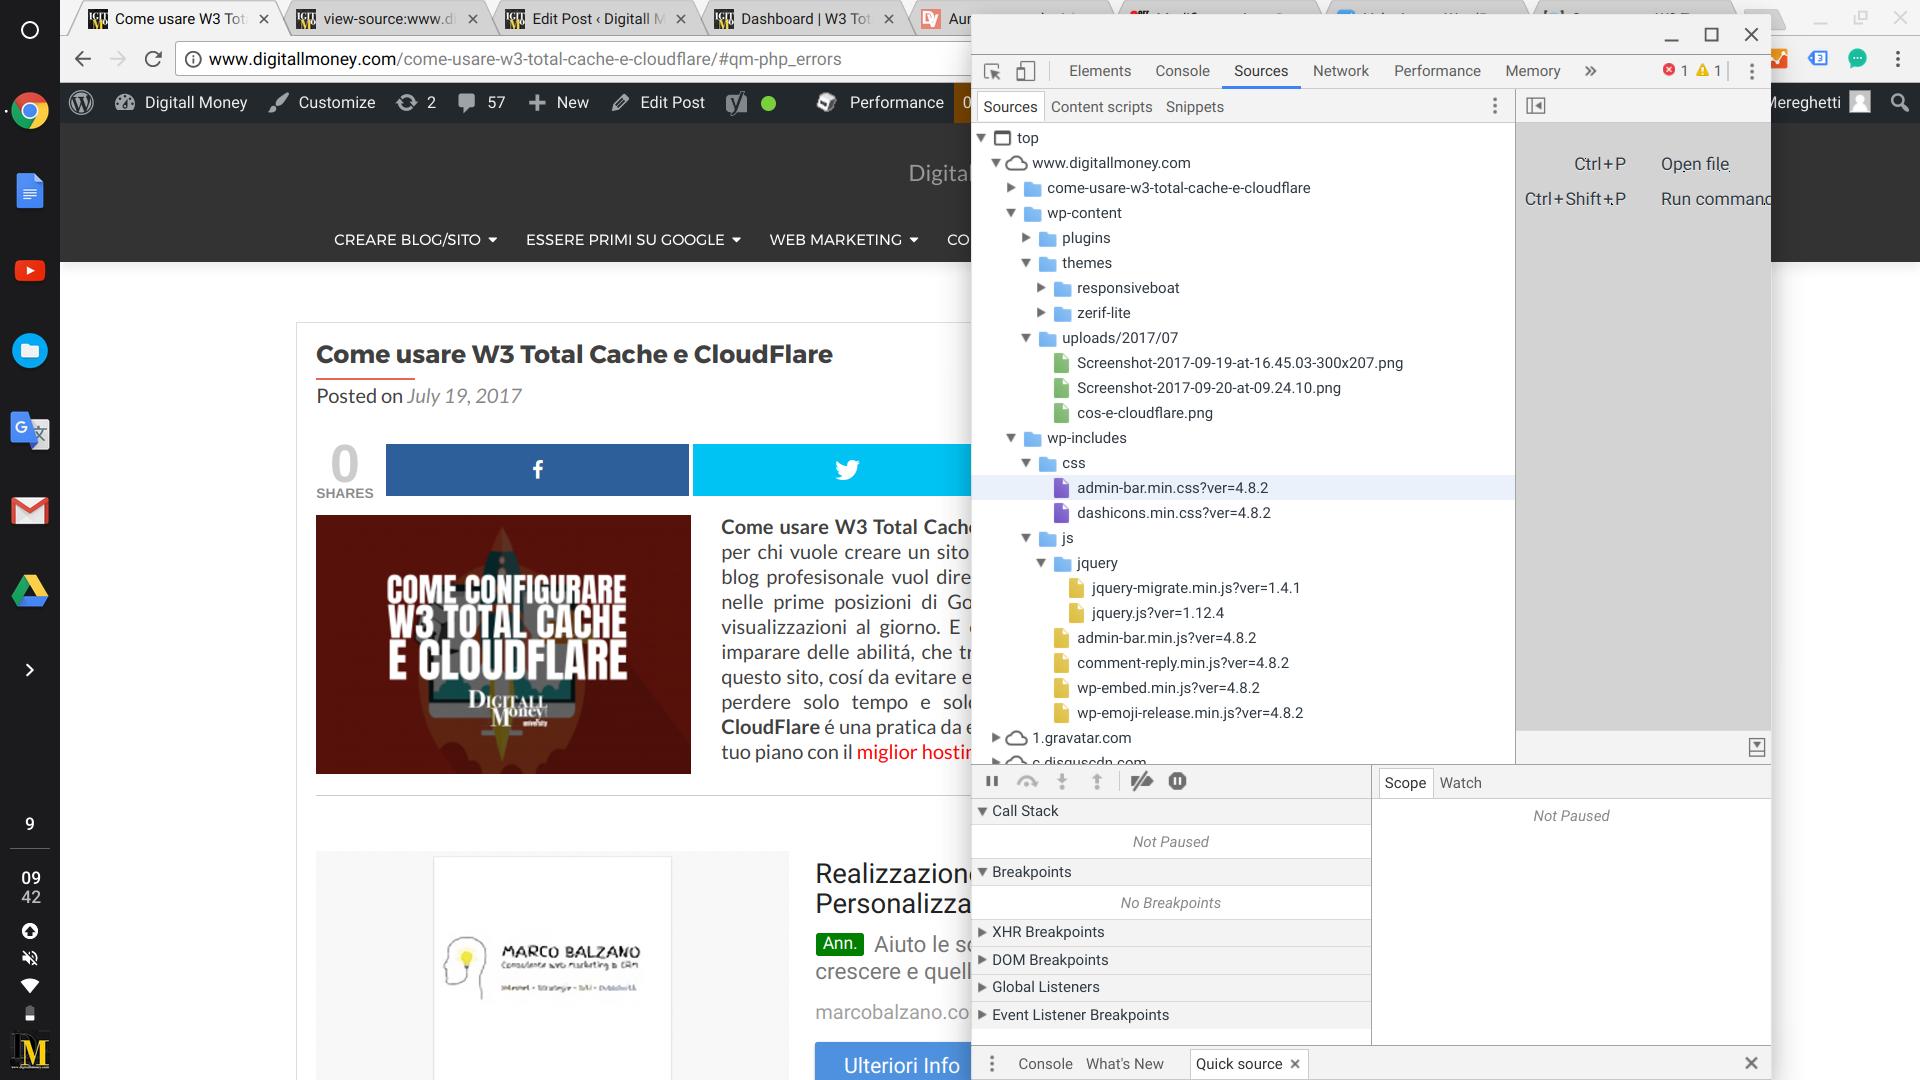 Come usare W3 Total Cache e CloudFlare